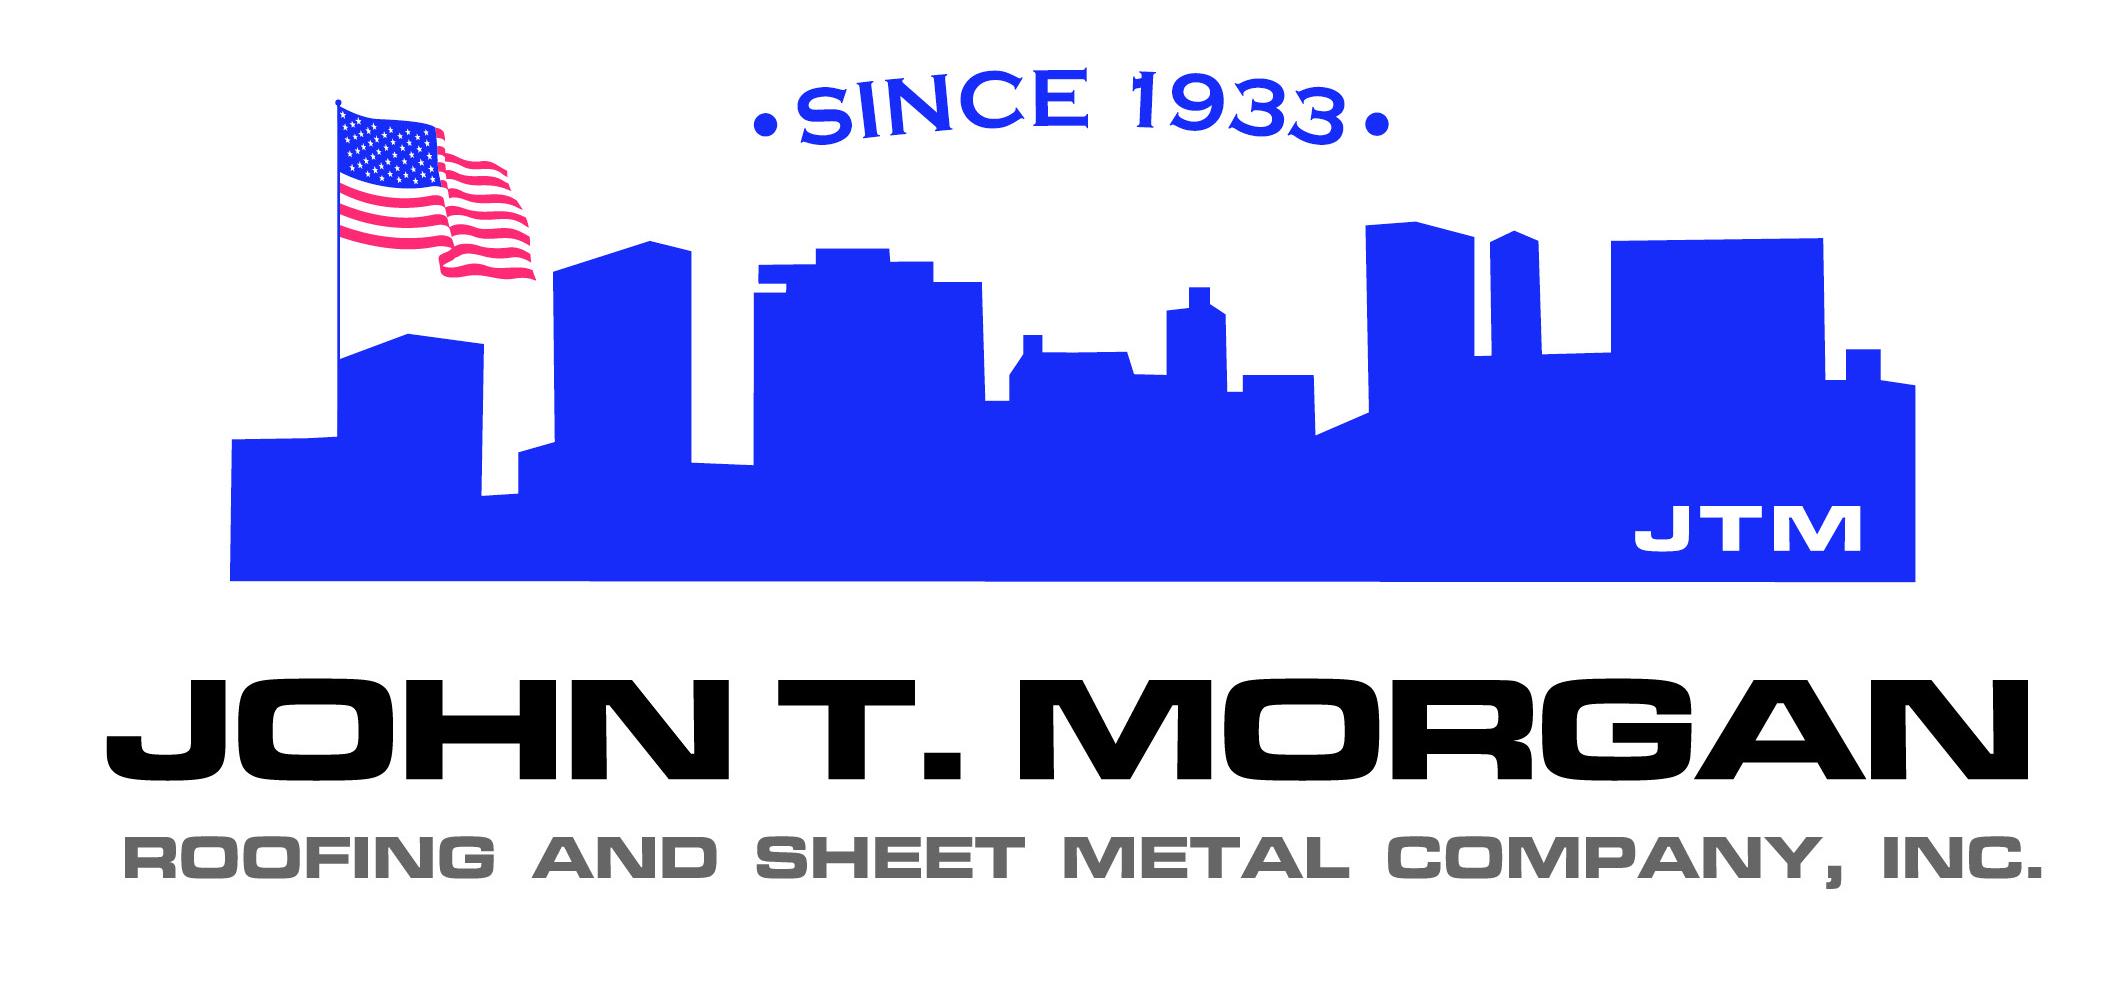 John T Morgan